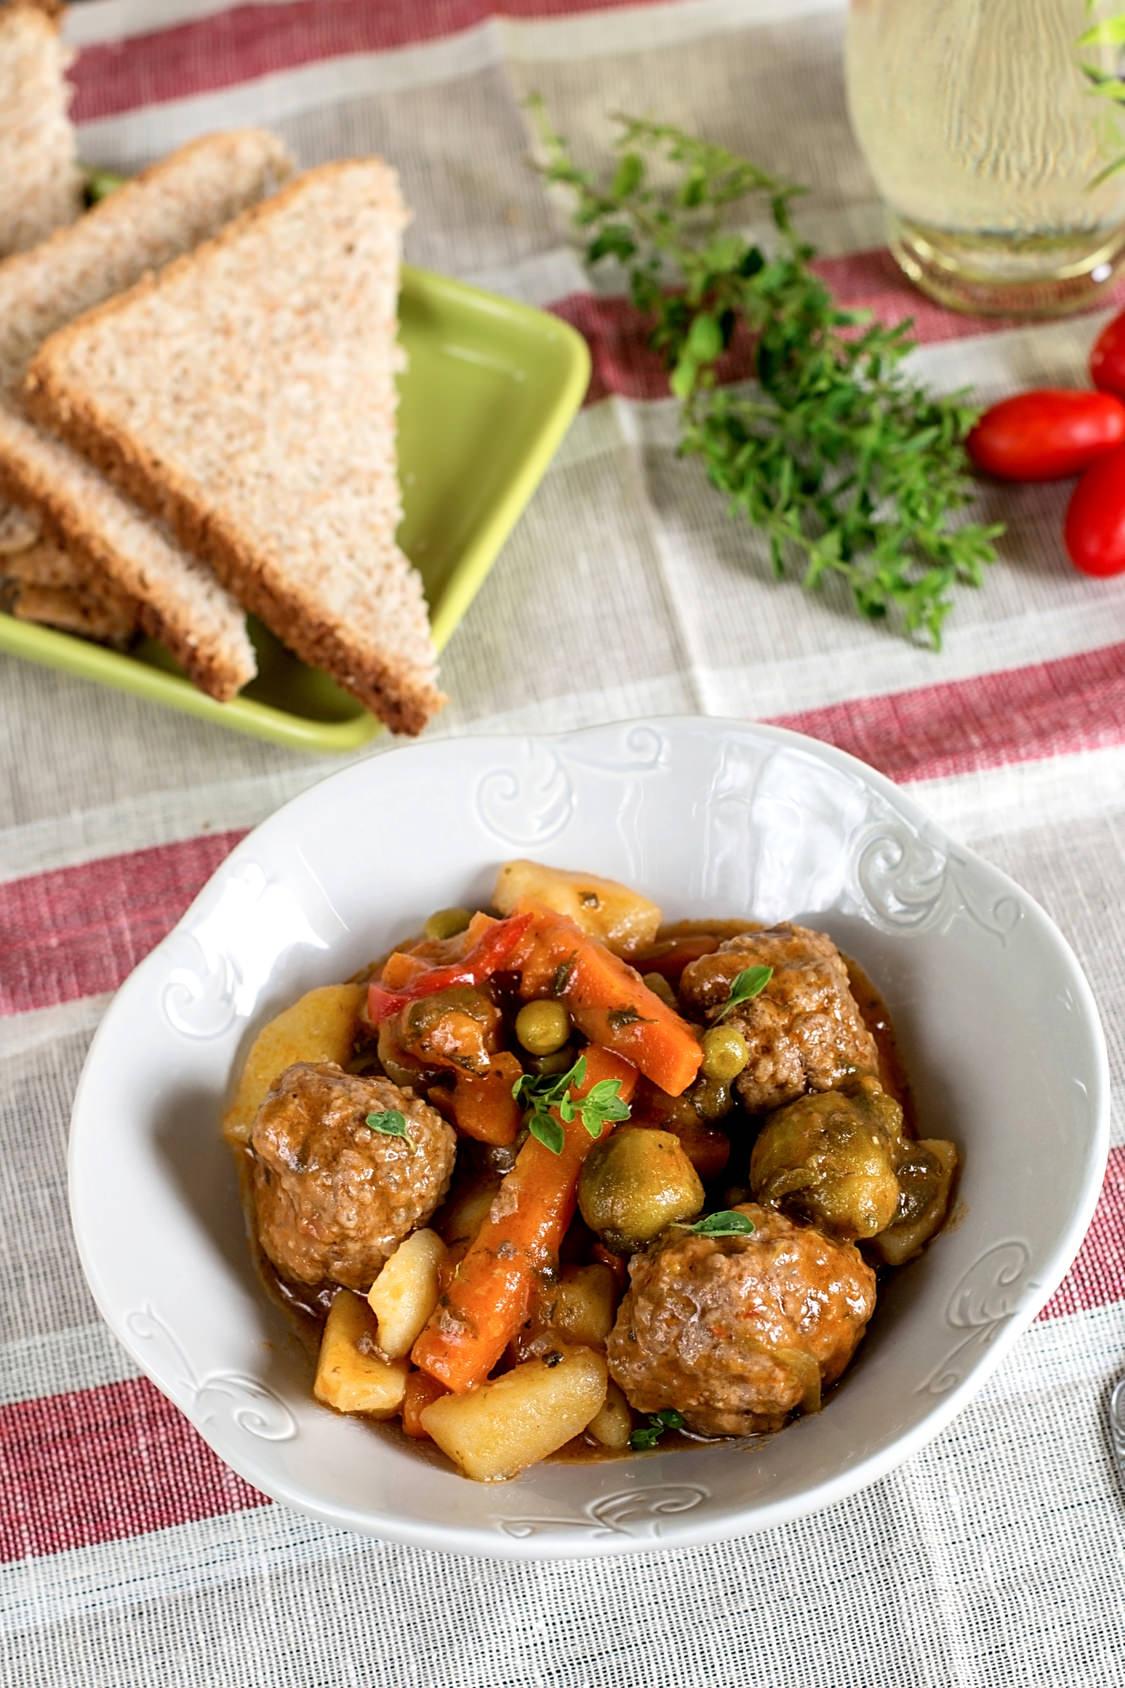 boulettes de viande en ragout un bon plat familial cuisiner en saison froide les recettes de. Black Bedroom Furniture Sets. Home Design Ideas